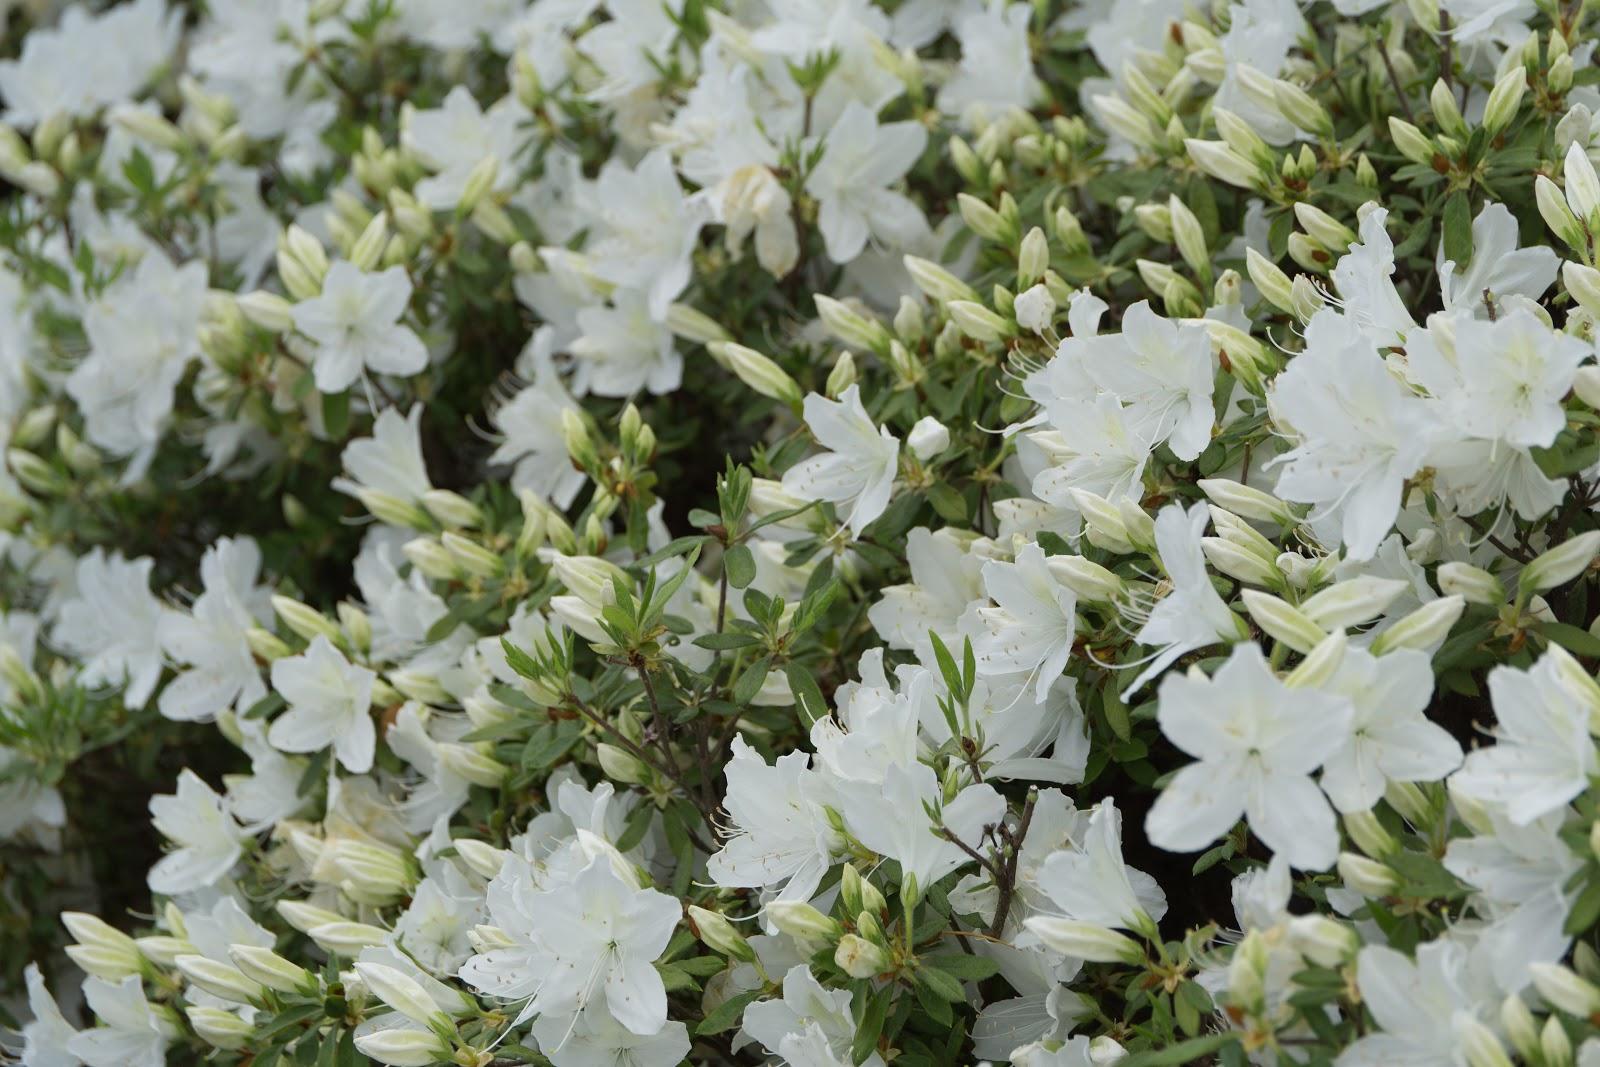 花と蕾の混じり合う白琉球